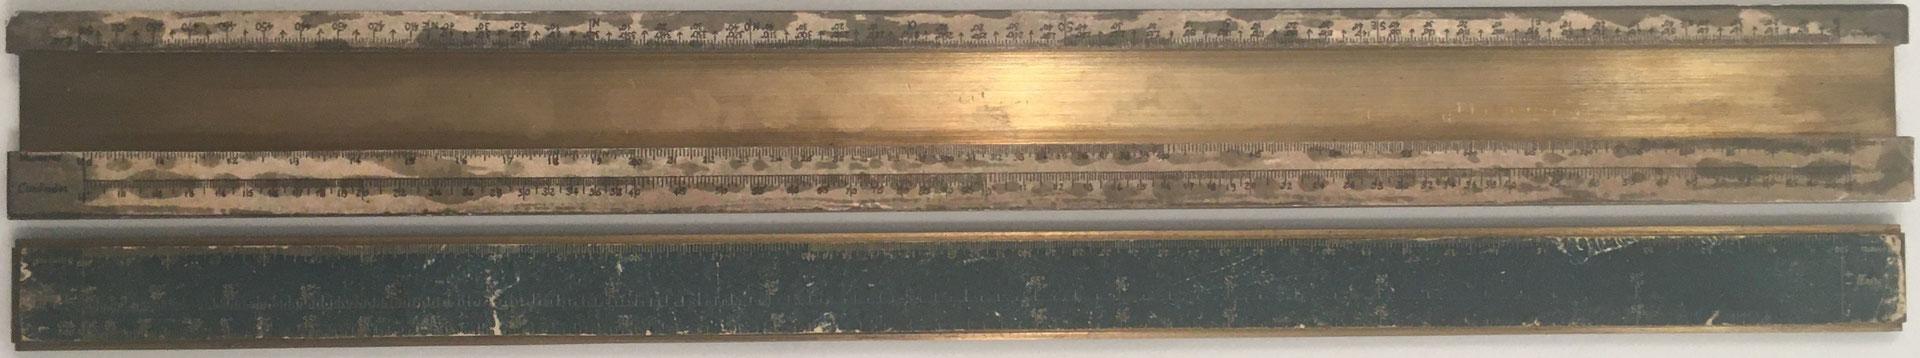 Prototipo hecho en metal para la Primitiva Regla Topográfica española marca CONDE (modelo 1), reverso reglilla